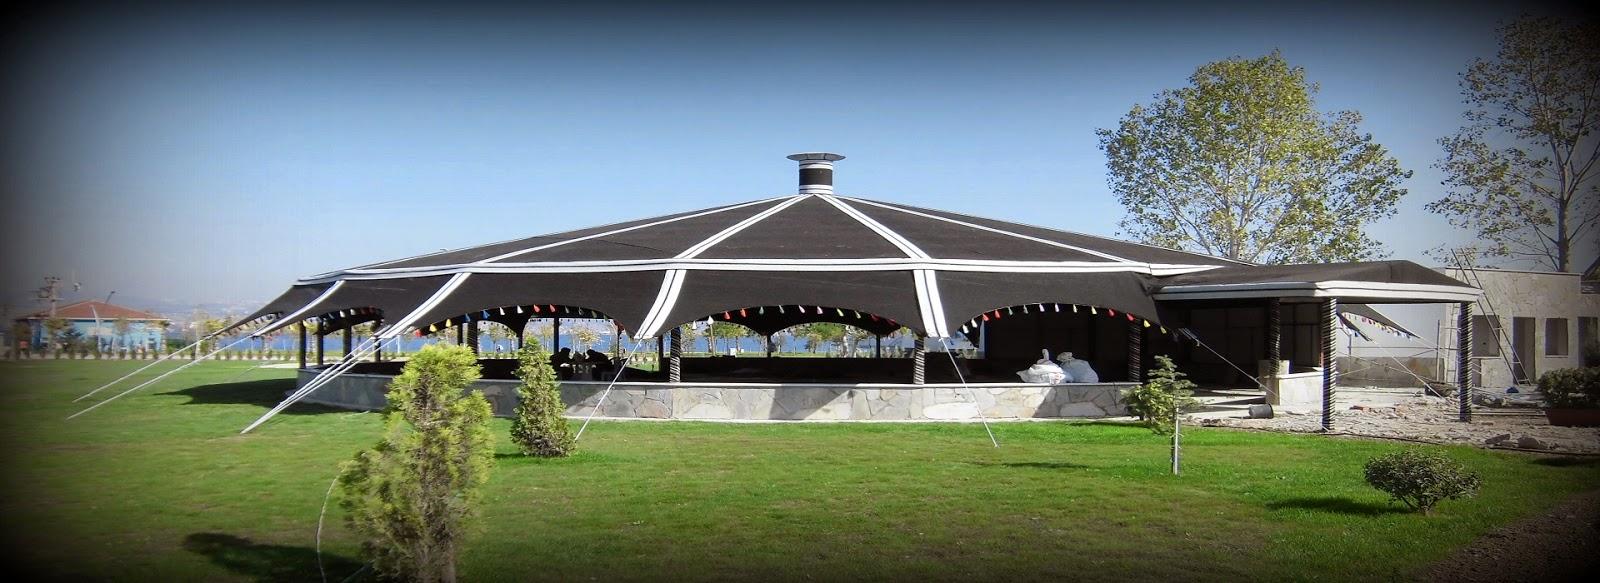 otantik kafe çadırı